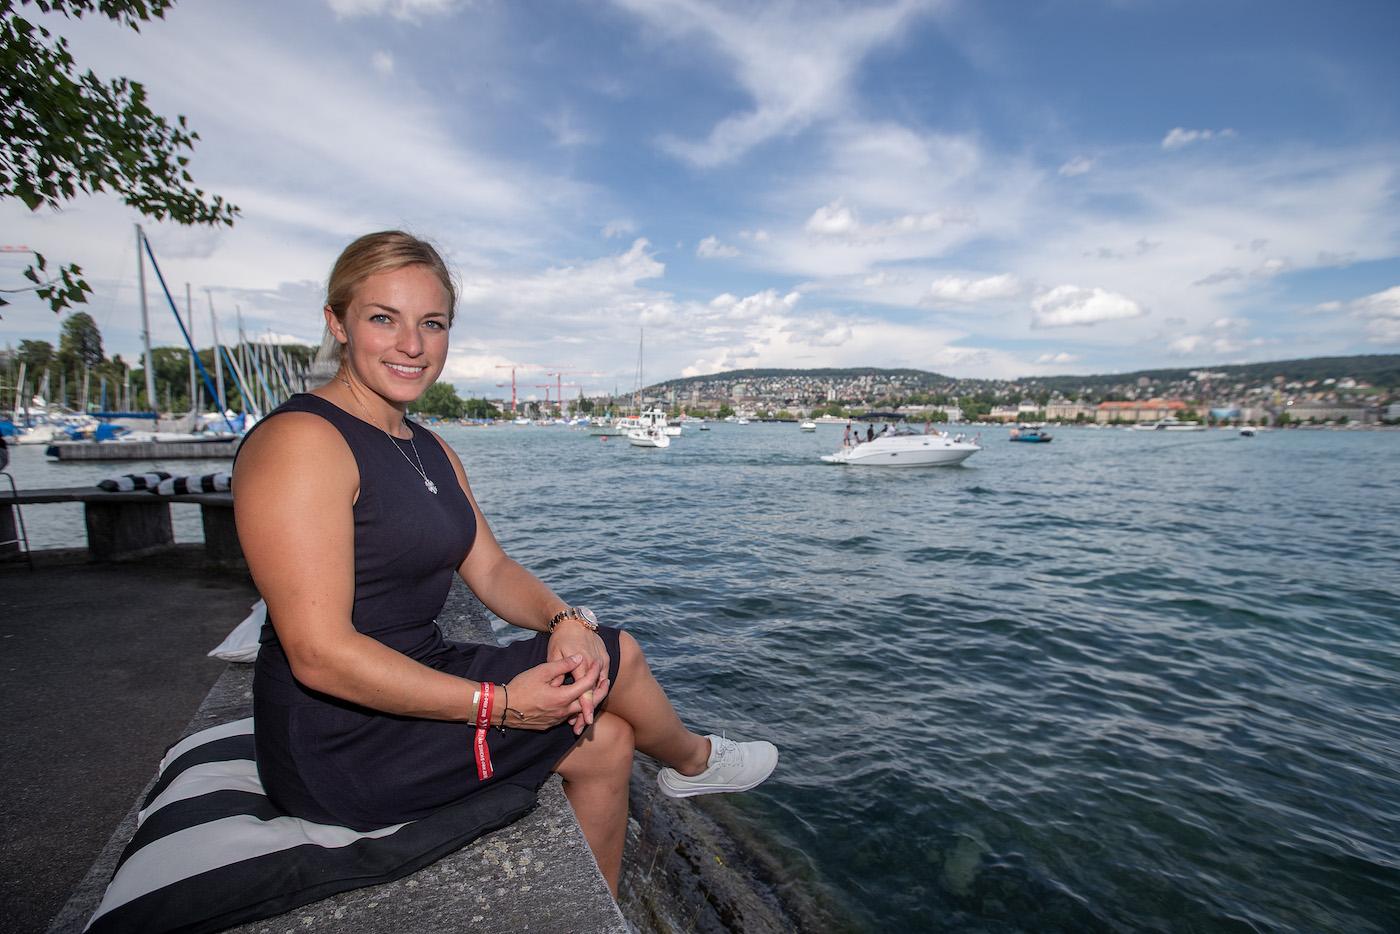 Lara Gut geniesst den Rennsonntag am Zürichsee. (Sven Thomann)